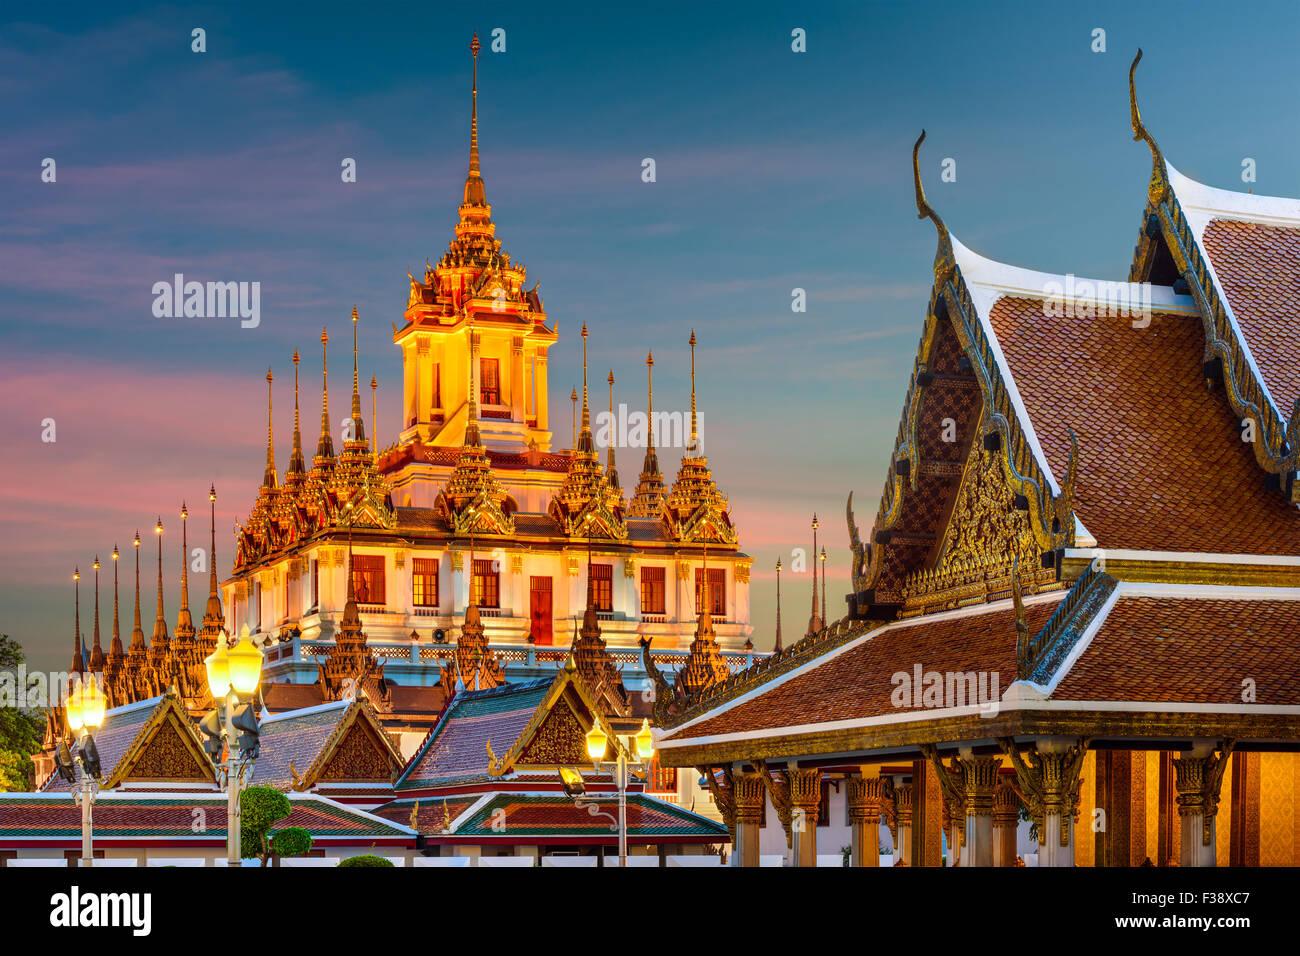 Wat Ratchanatdaram 'Metal Temple' in Bangkok, Thailand. - Stock Image